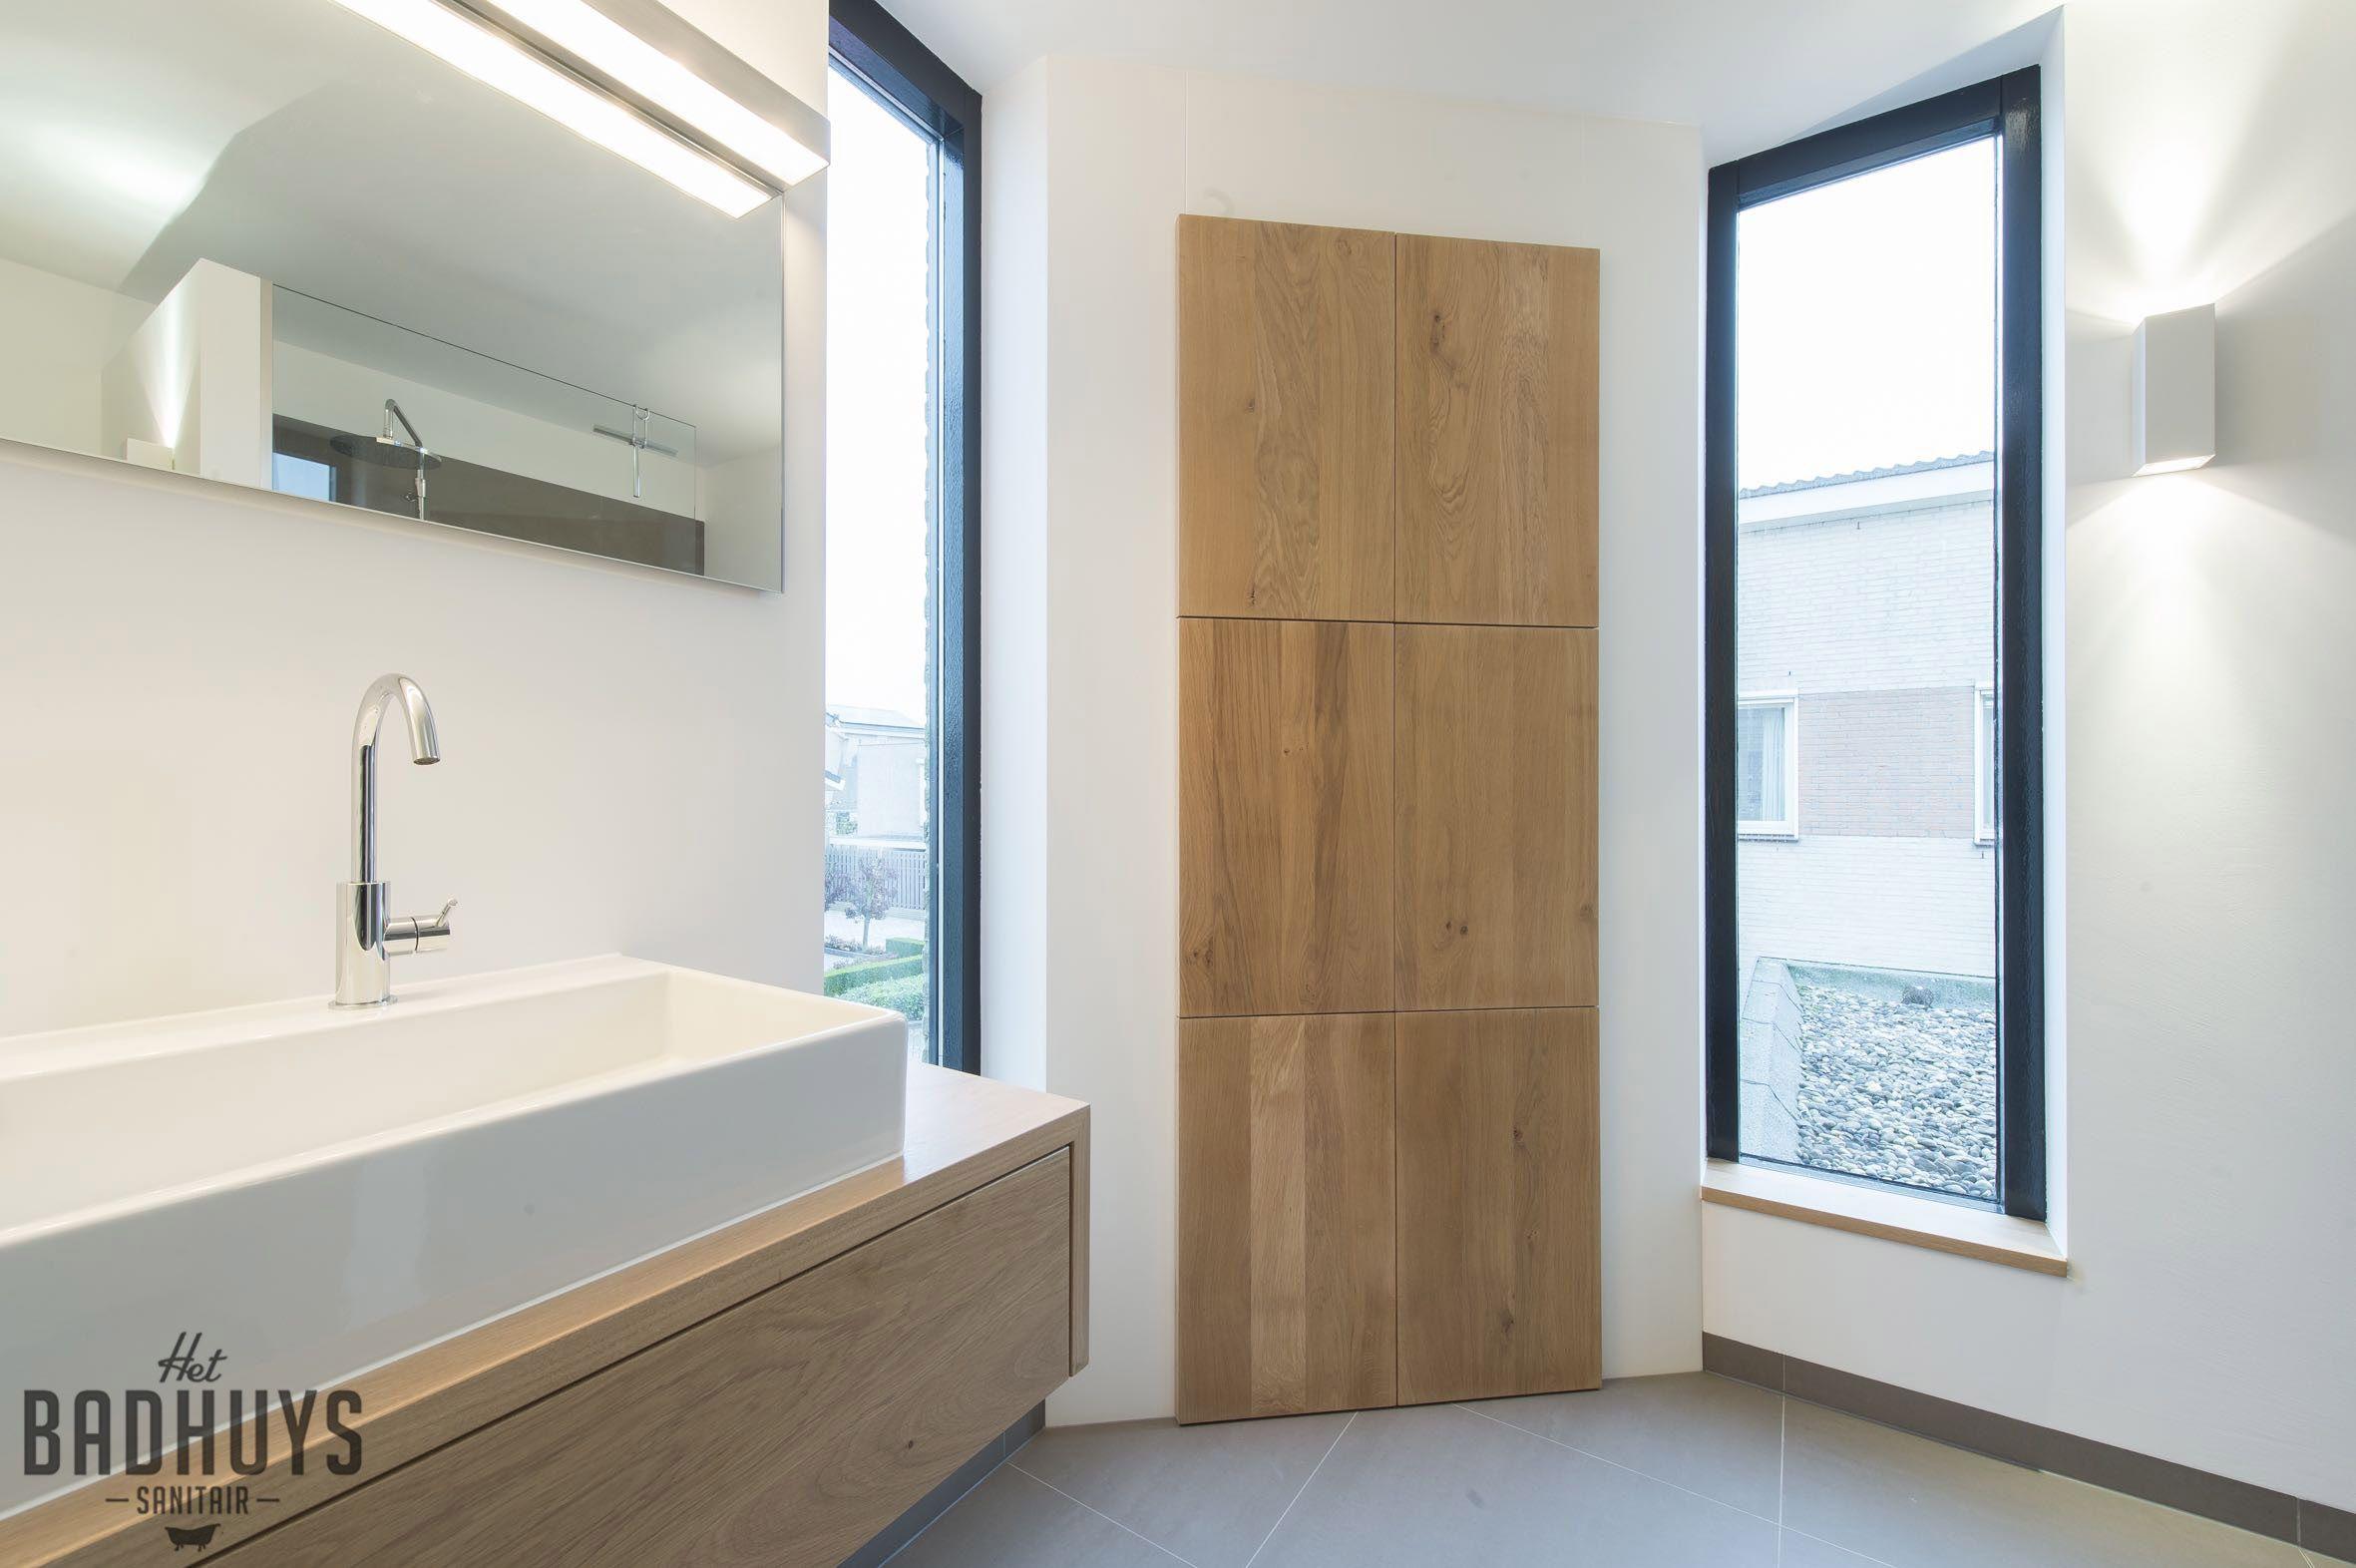 badkamer met massief eiken maatwerk meubels het badhuys het